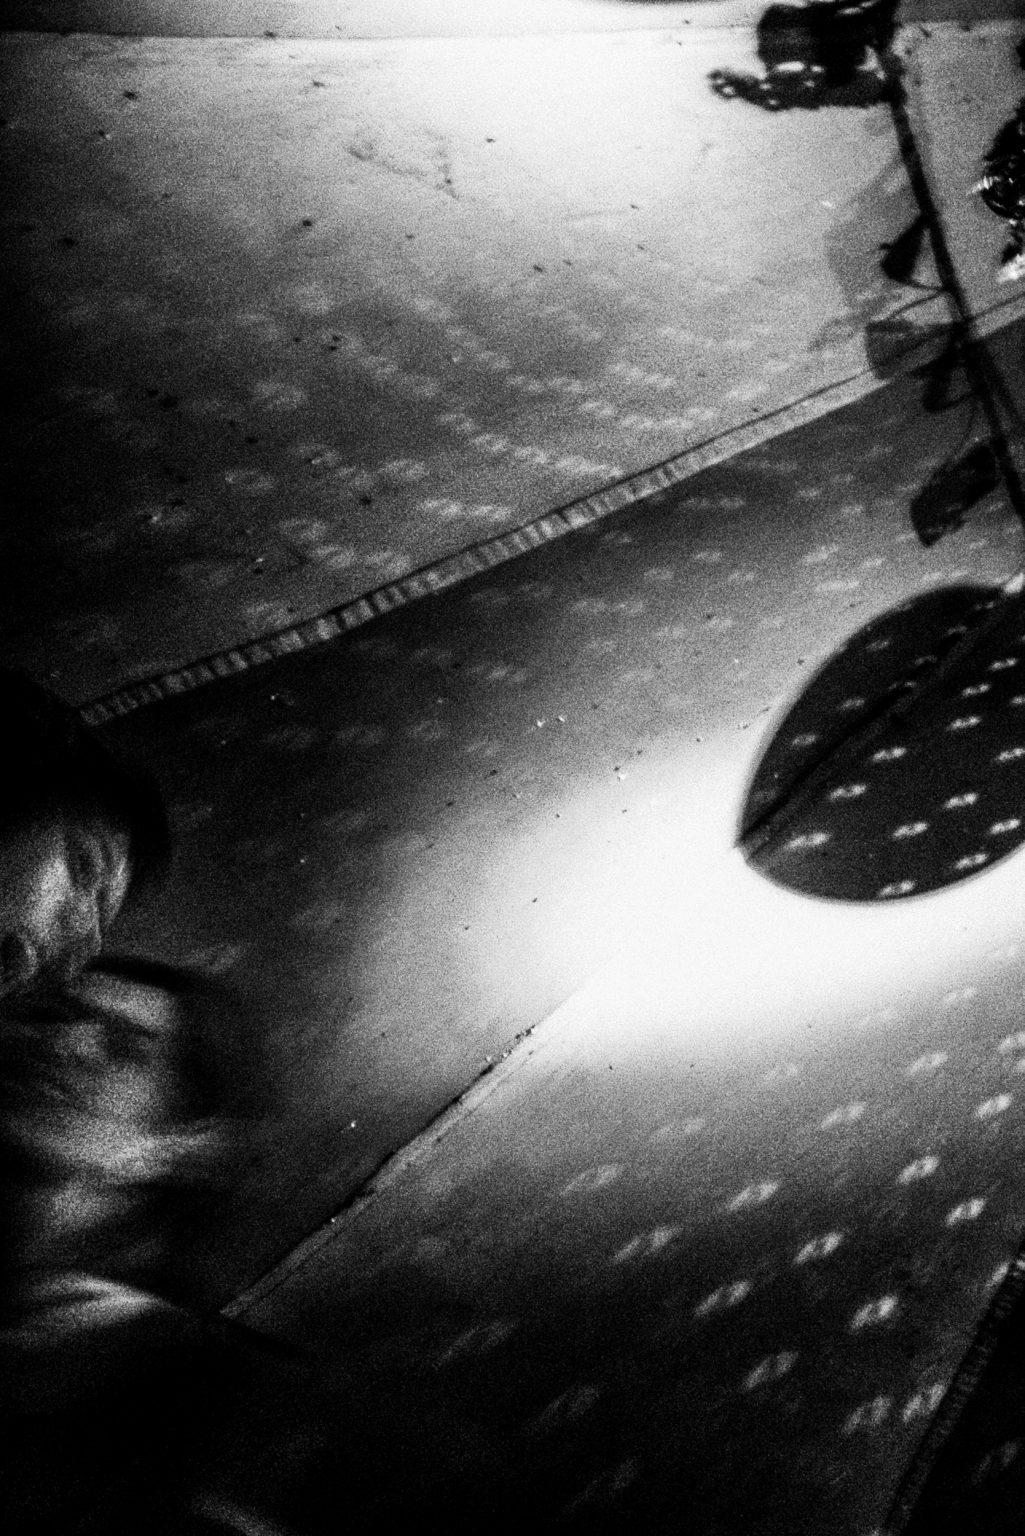 Berlin , 2009- Berlin Diary is a research that documents the margins of society; an investigation into different worlds including relationships; the loneliness of the human being; alcoholism and abuse; lovers and their conflicts and finally the relationship between people and city.A couple in a Disco Club in Kreuzberg. >< Berlino ,2009- Berlin Diary è una ricerca che documenta i margini della società; un'indagine in mondi diversi tra cui si esplorano relazioni; la solitudine dell'essere umano; L'alcolismo e gli abusi; gli amanti e i loro conflitti e infine; il rapporto tra persone e città.Una coppia in Discoteca a Kreuzberg.